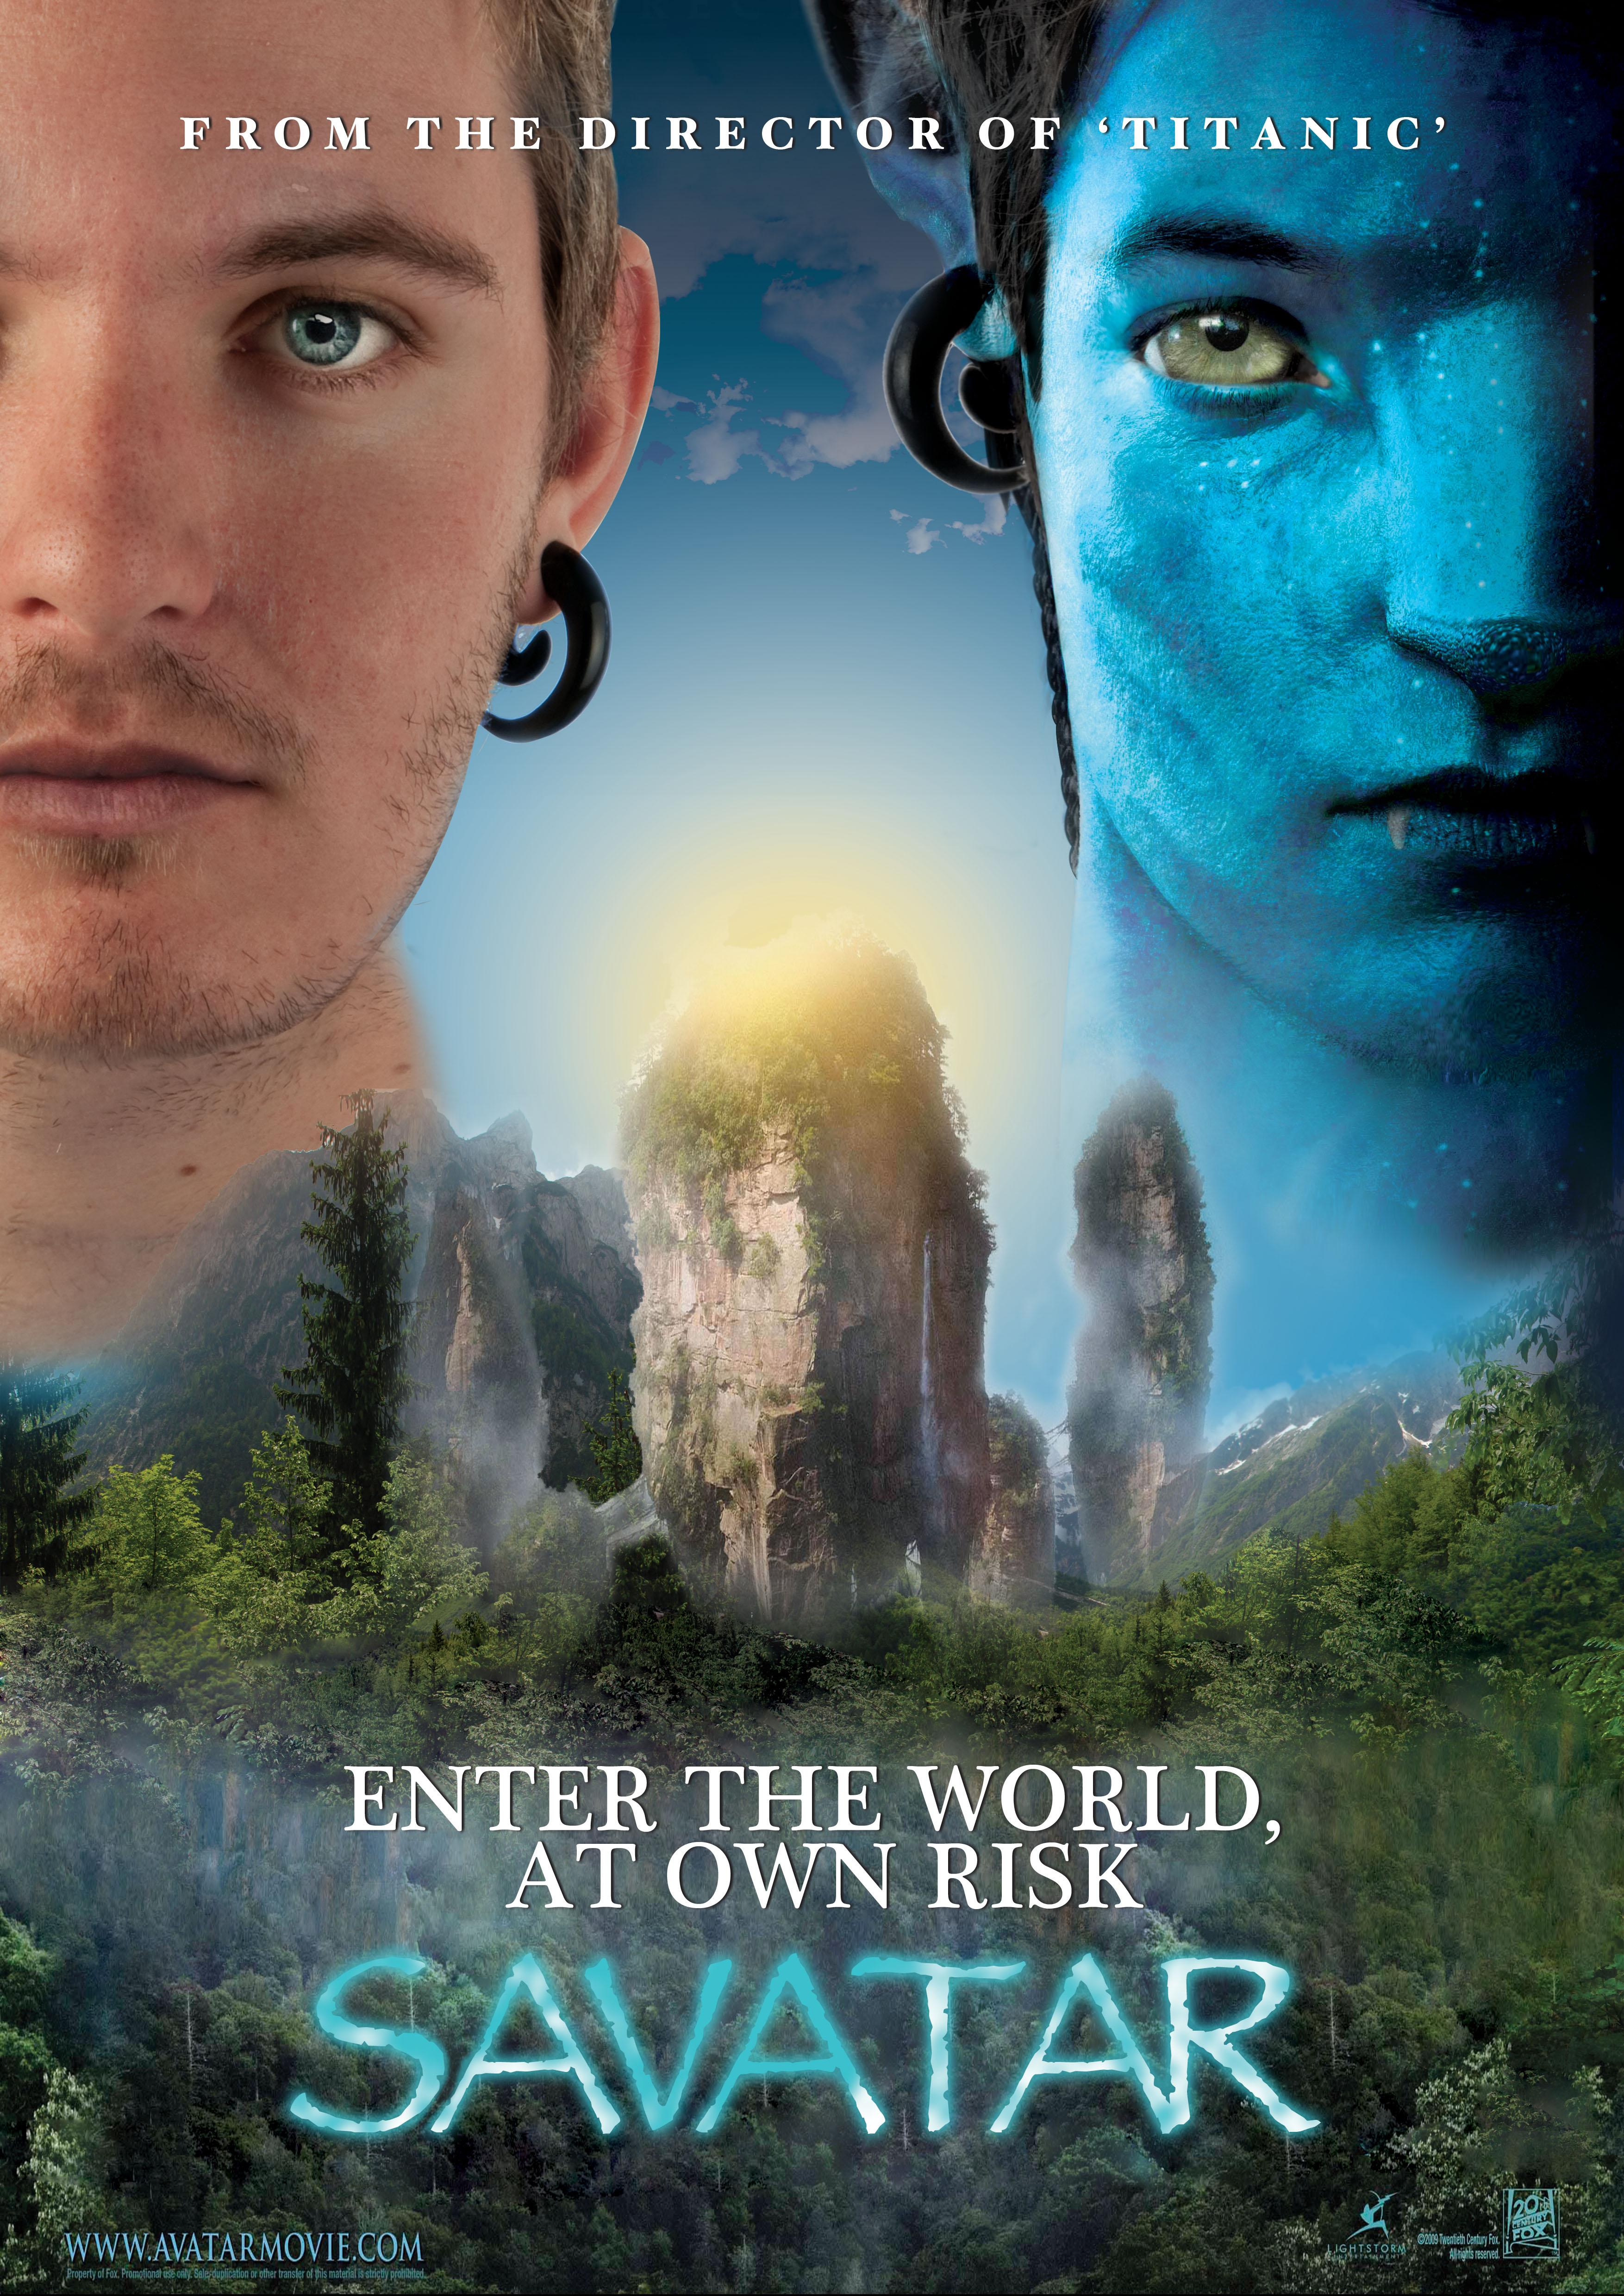 Avatar Poster remake u0026#39;Savataru0026#39; by the-Ham on DeviantArt